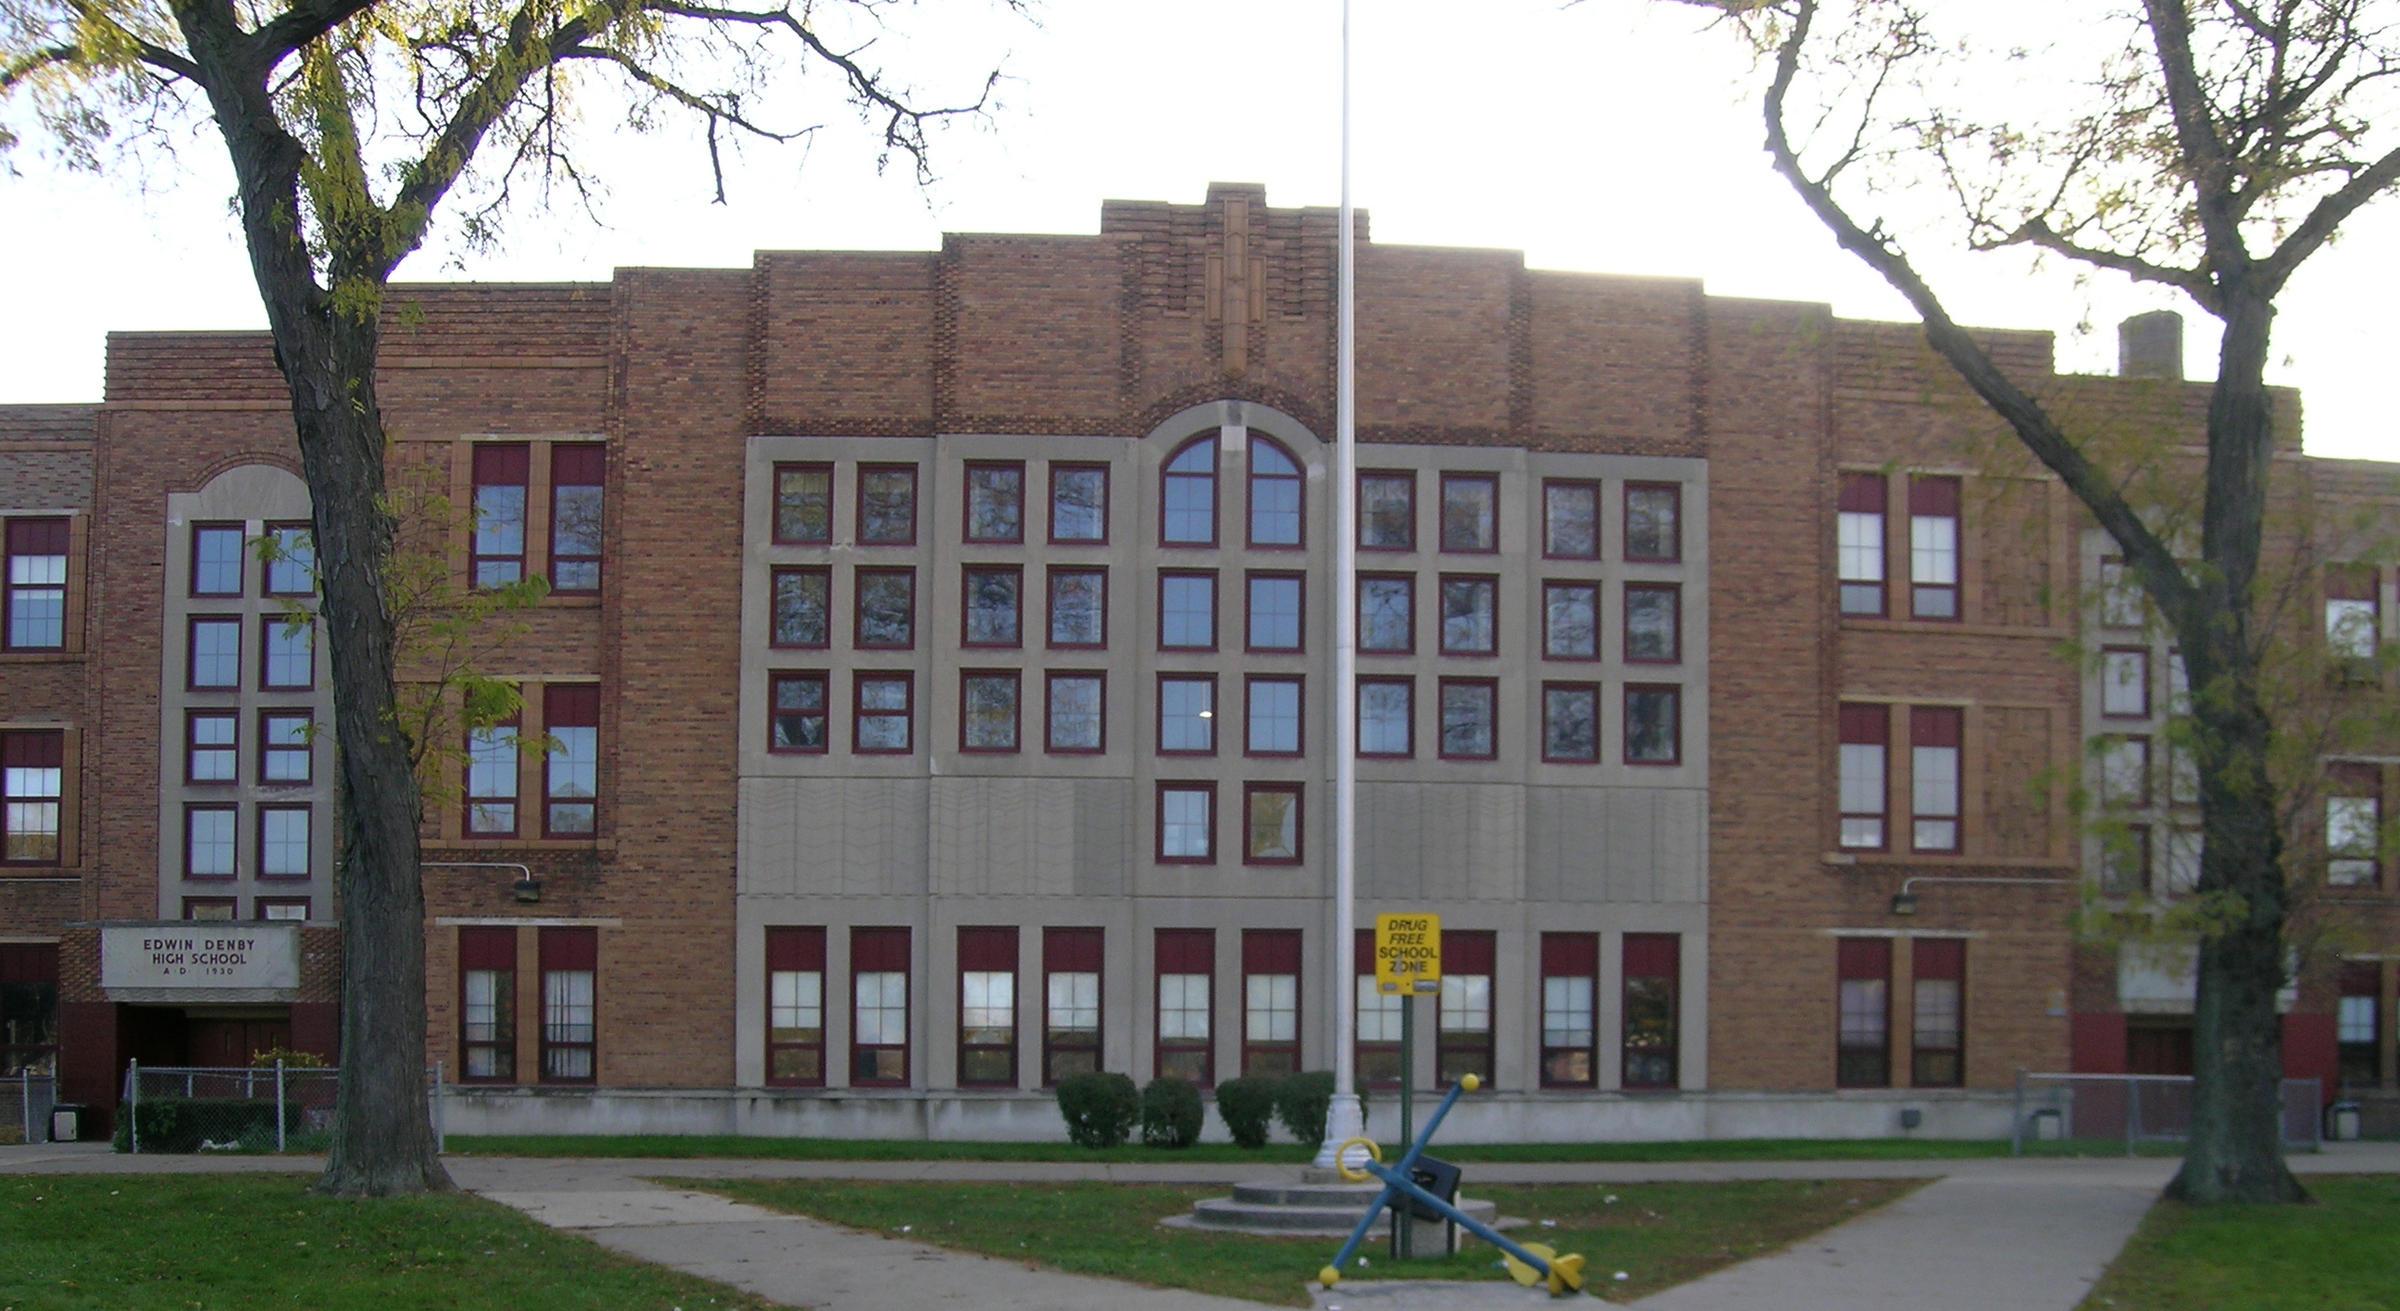 vanburen public schools